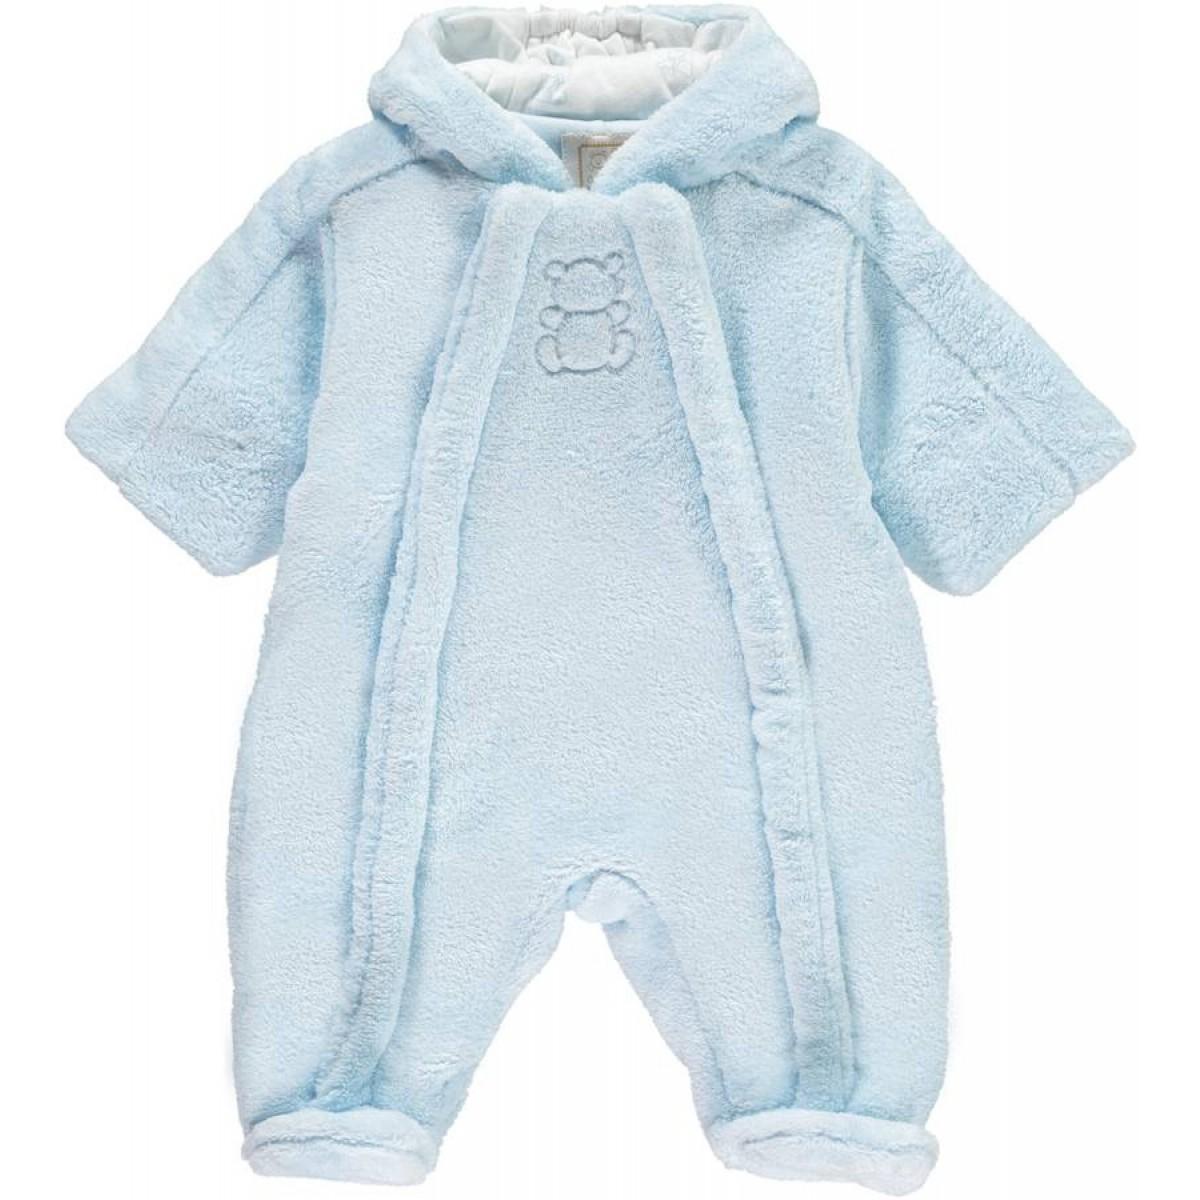 a2dfd7b4e7f5 Nolan -Pale Blue Fleece Pramsuit